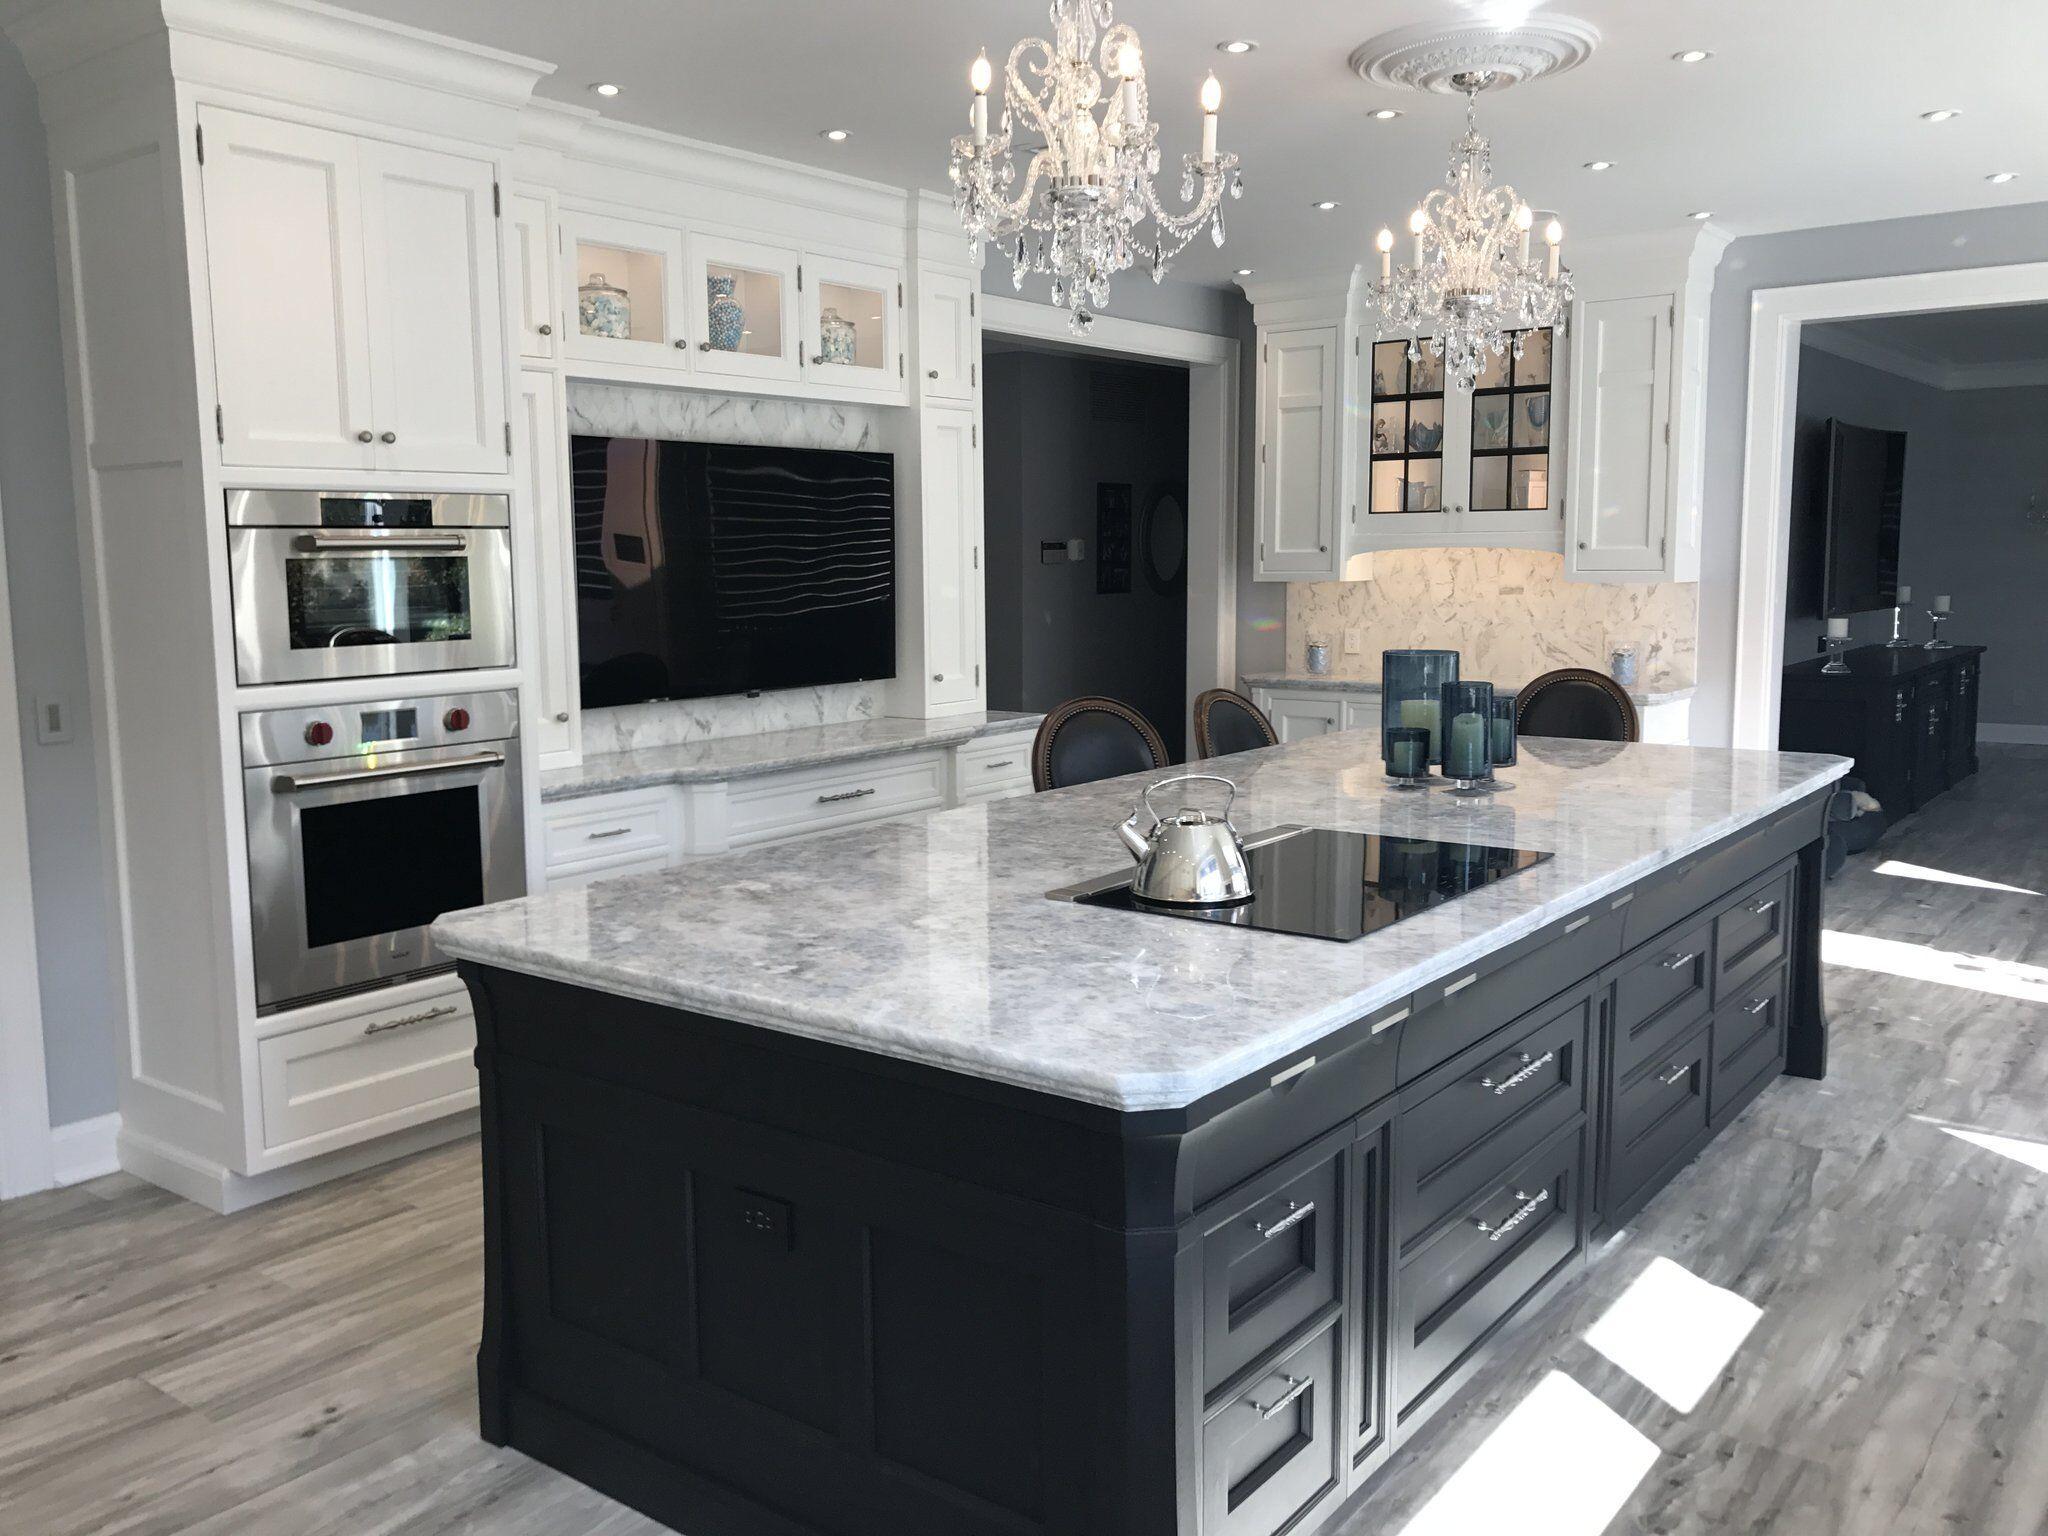 Elite Kitchen Bath On Twitter Kitchen And Bath Showroom Kitchen Design Small White Kitchen Design